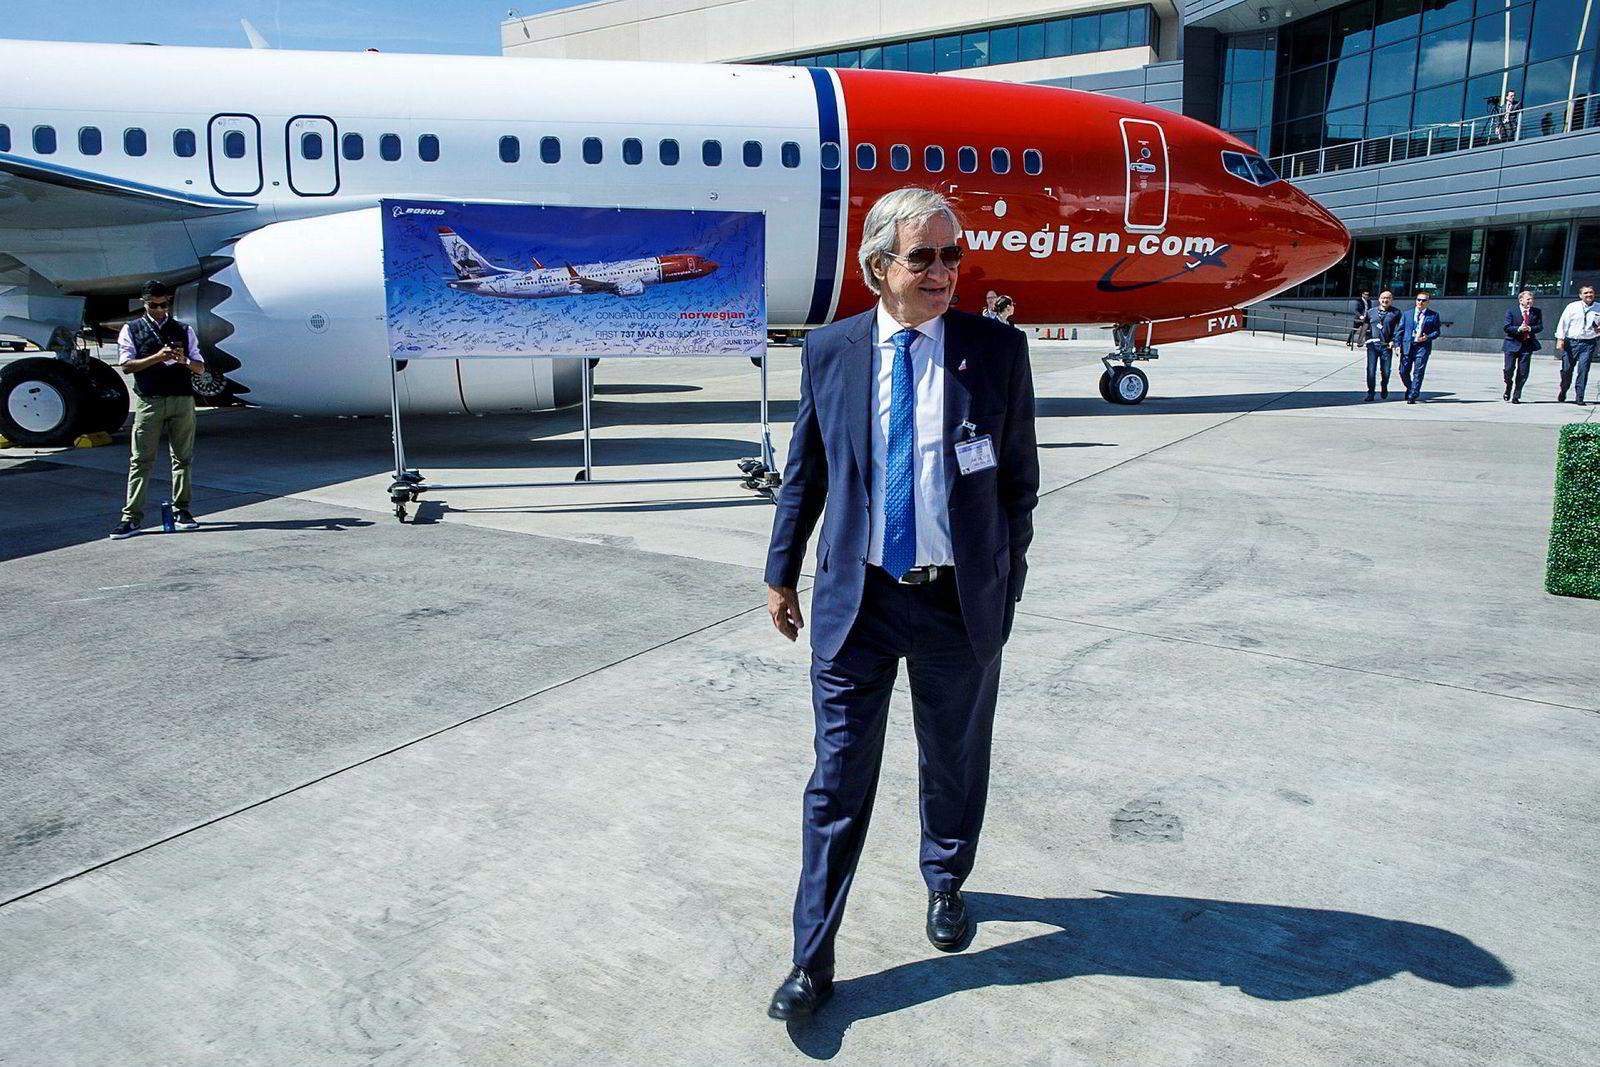 Norwegian har 18 Boeing 737 Max-fly i sin flåte og har så langt brukt fire milliarder kroner på innleie av reservefly etter at flyforbudet ble innført i mars. Her er Norwegian-sjef Bjørn Kjos på Boeing-fabrikken i Seattle for å motta sitt første Max-fly i 2017.